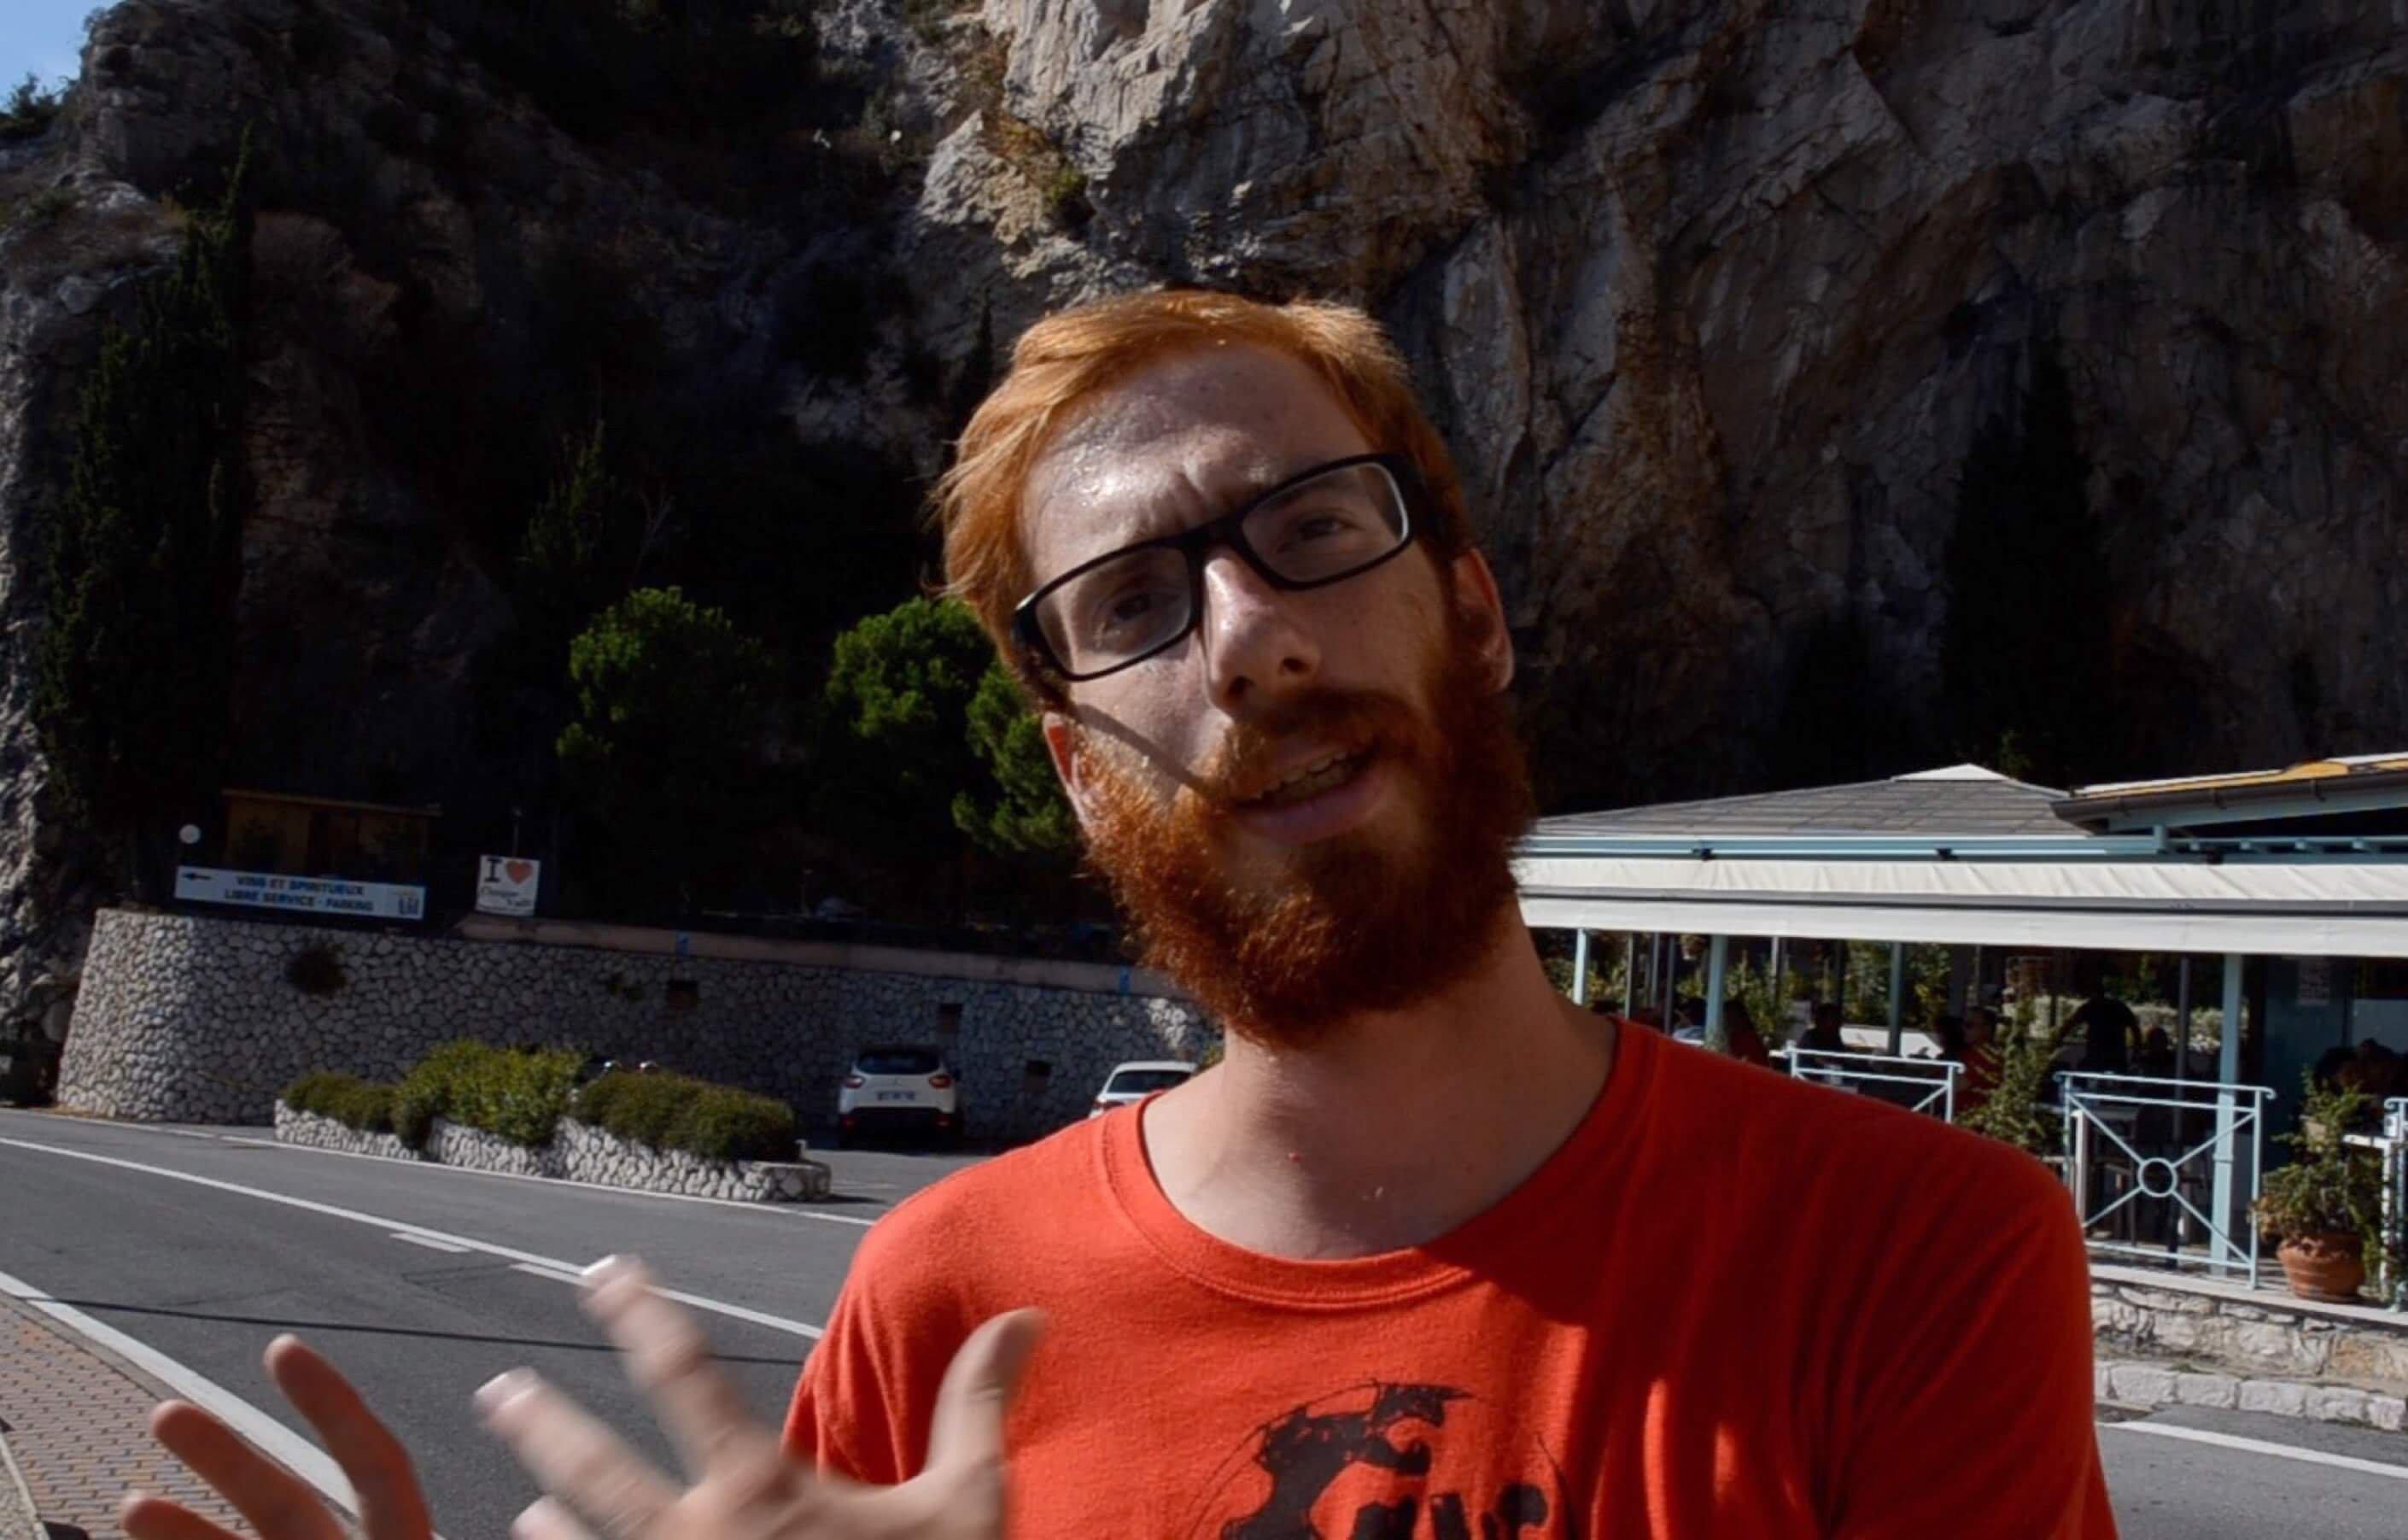 Giacomo Mattiello, fundador do Progetto 20k